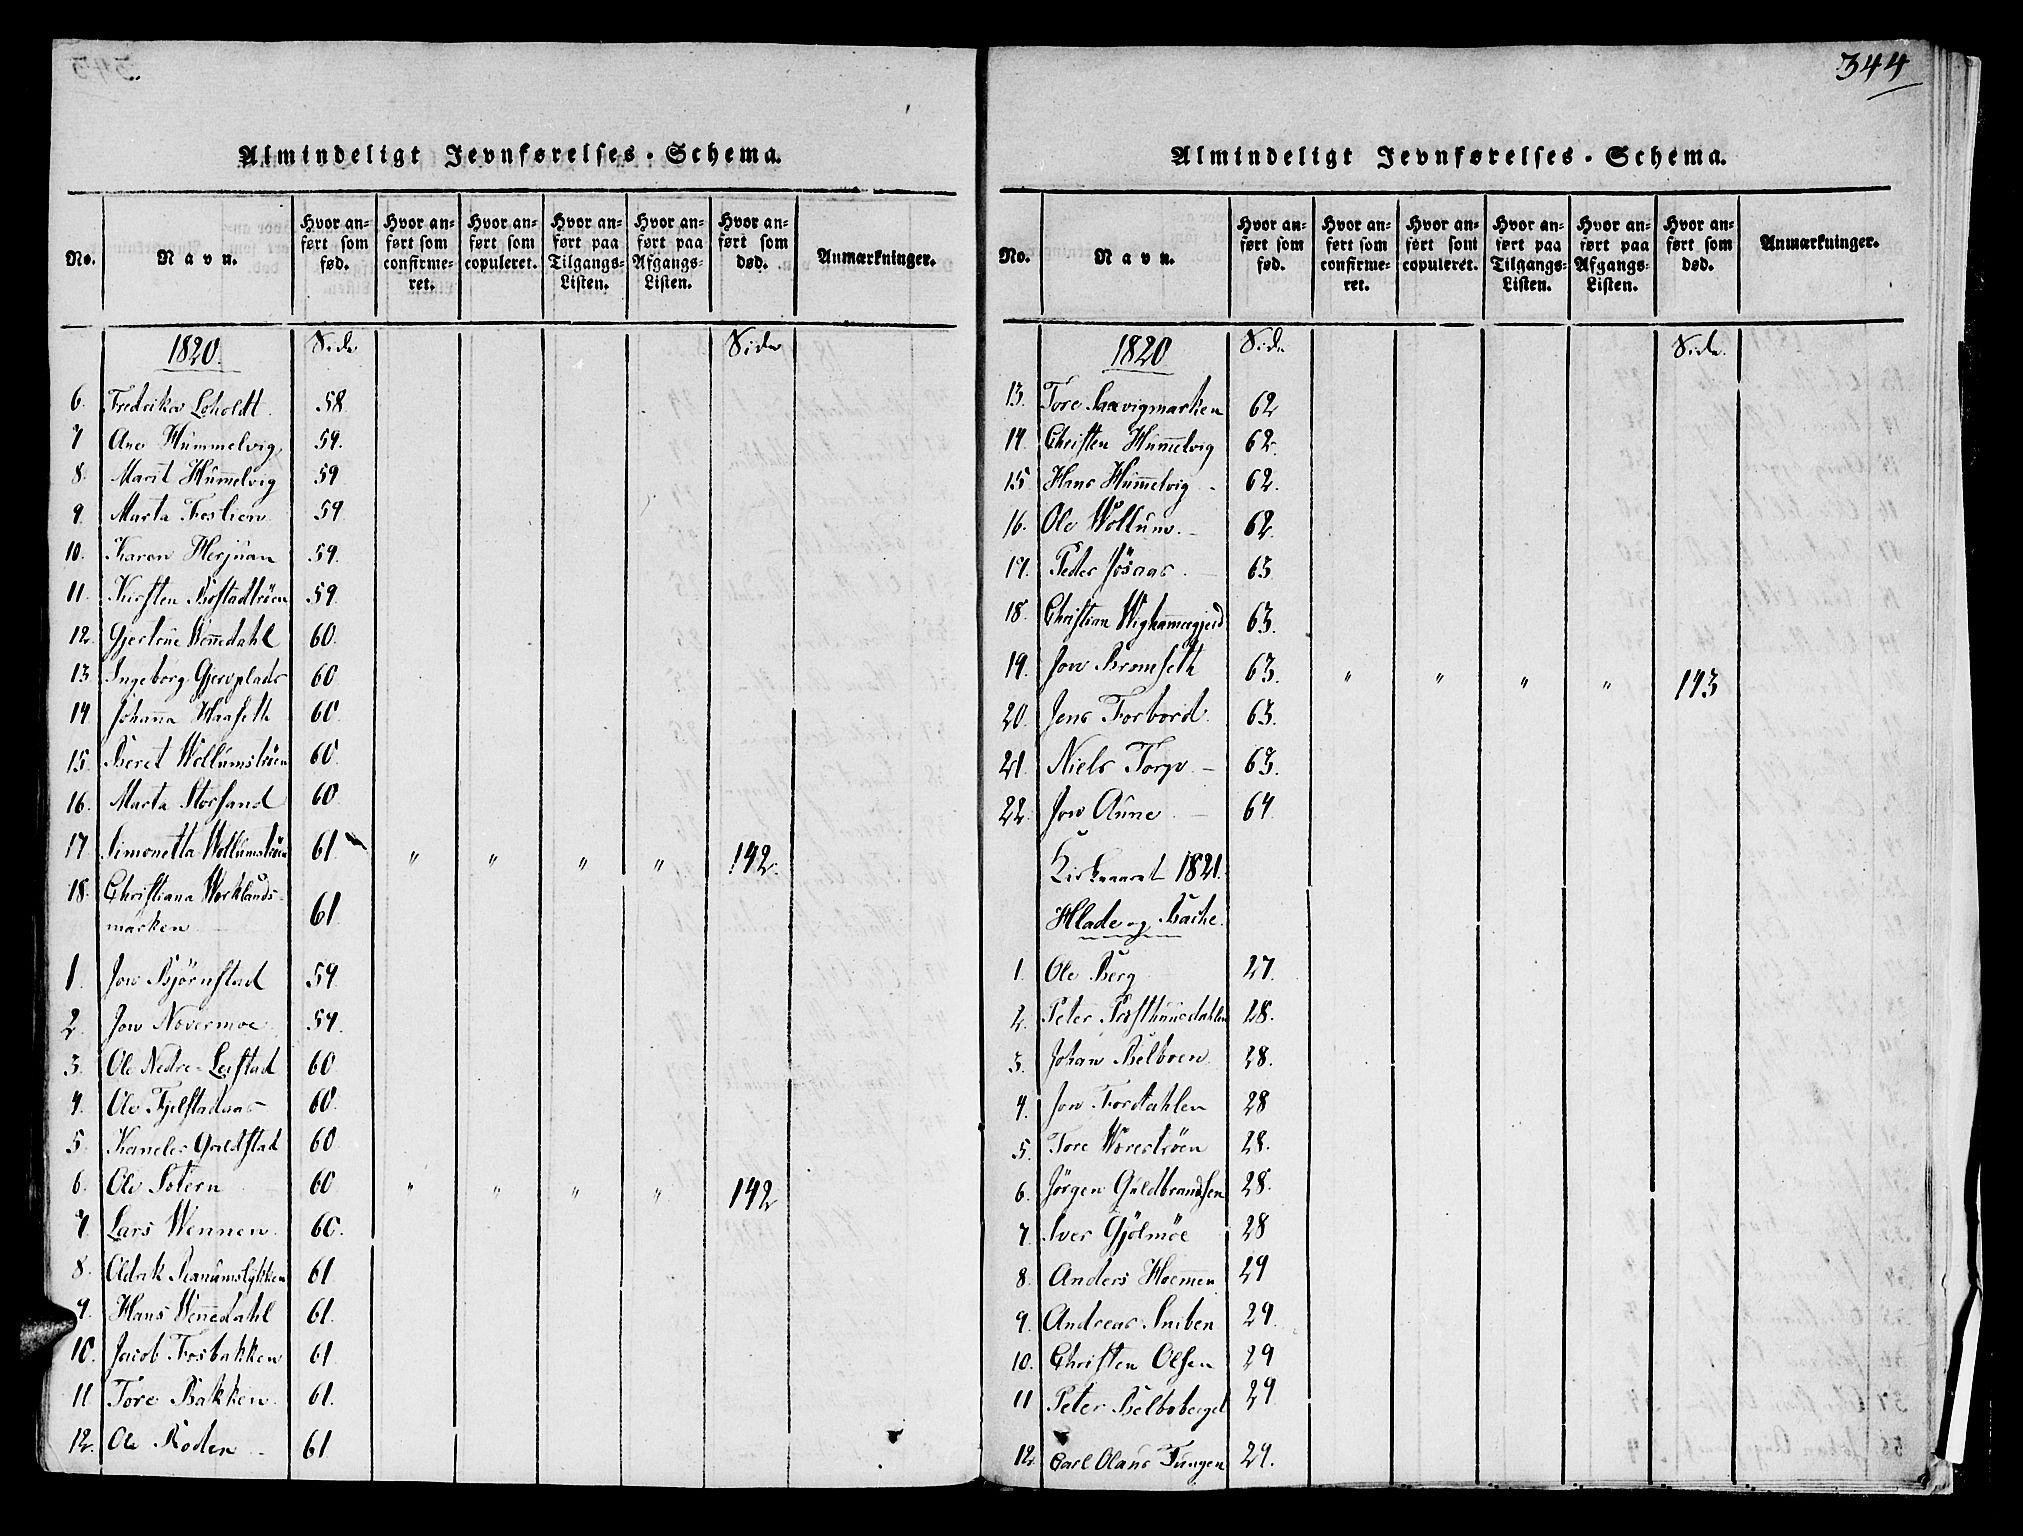 SAT, Ministerialprotokoller, klokkerbøker og fødselsregistre - Sør-Trøndelag, 606/L0283: Ministerialbok nr. 606A03 /1, 1818-1823, s. 344